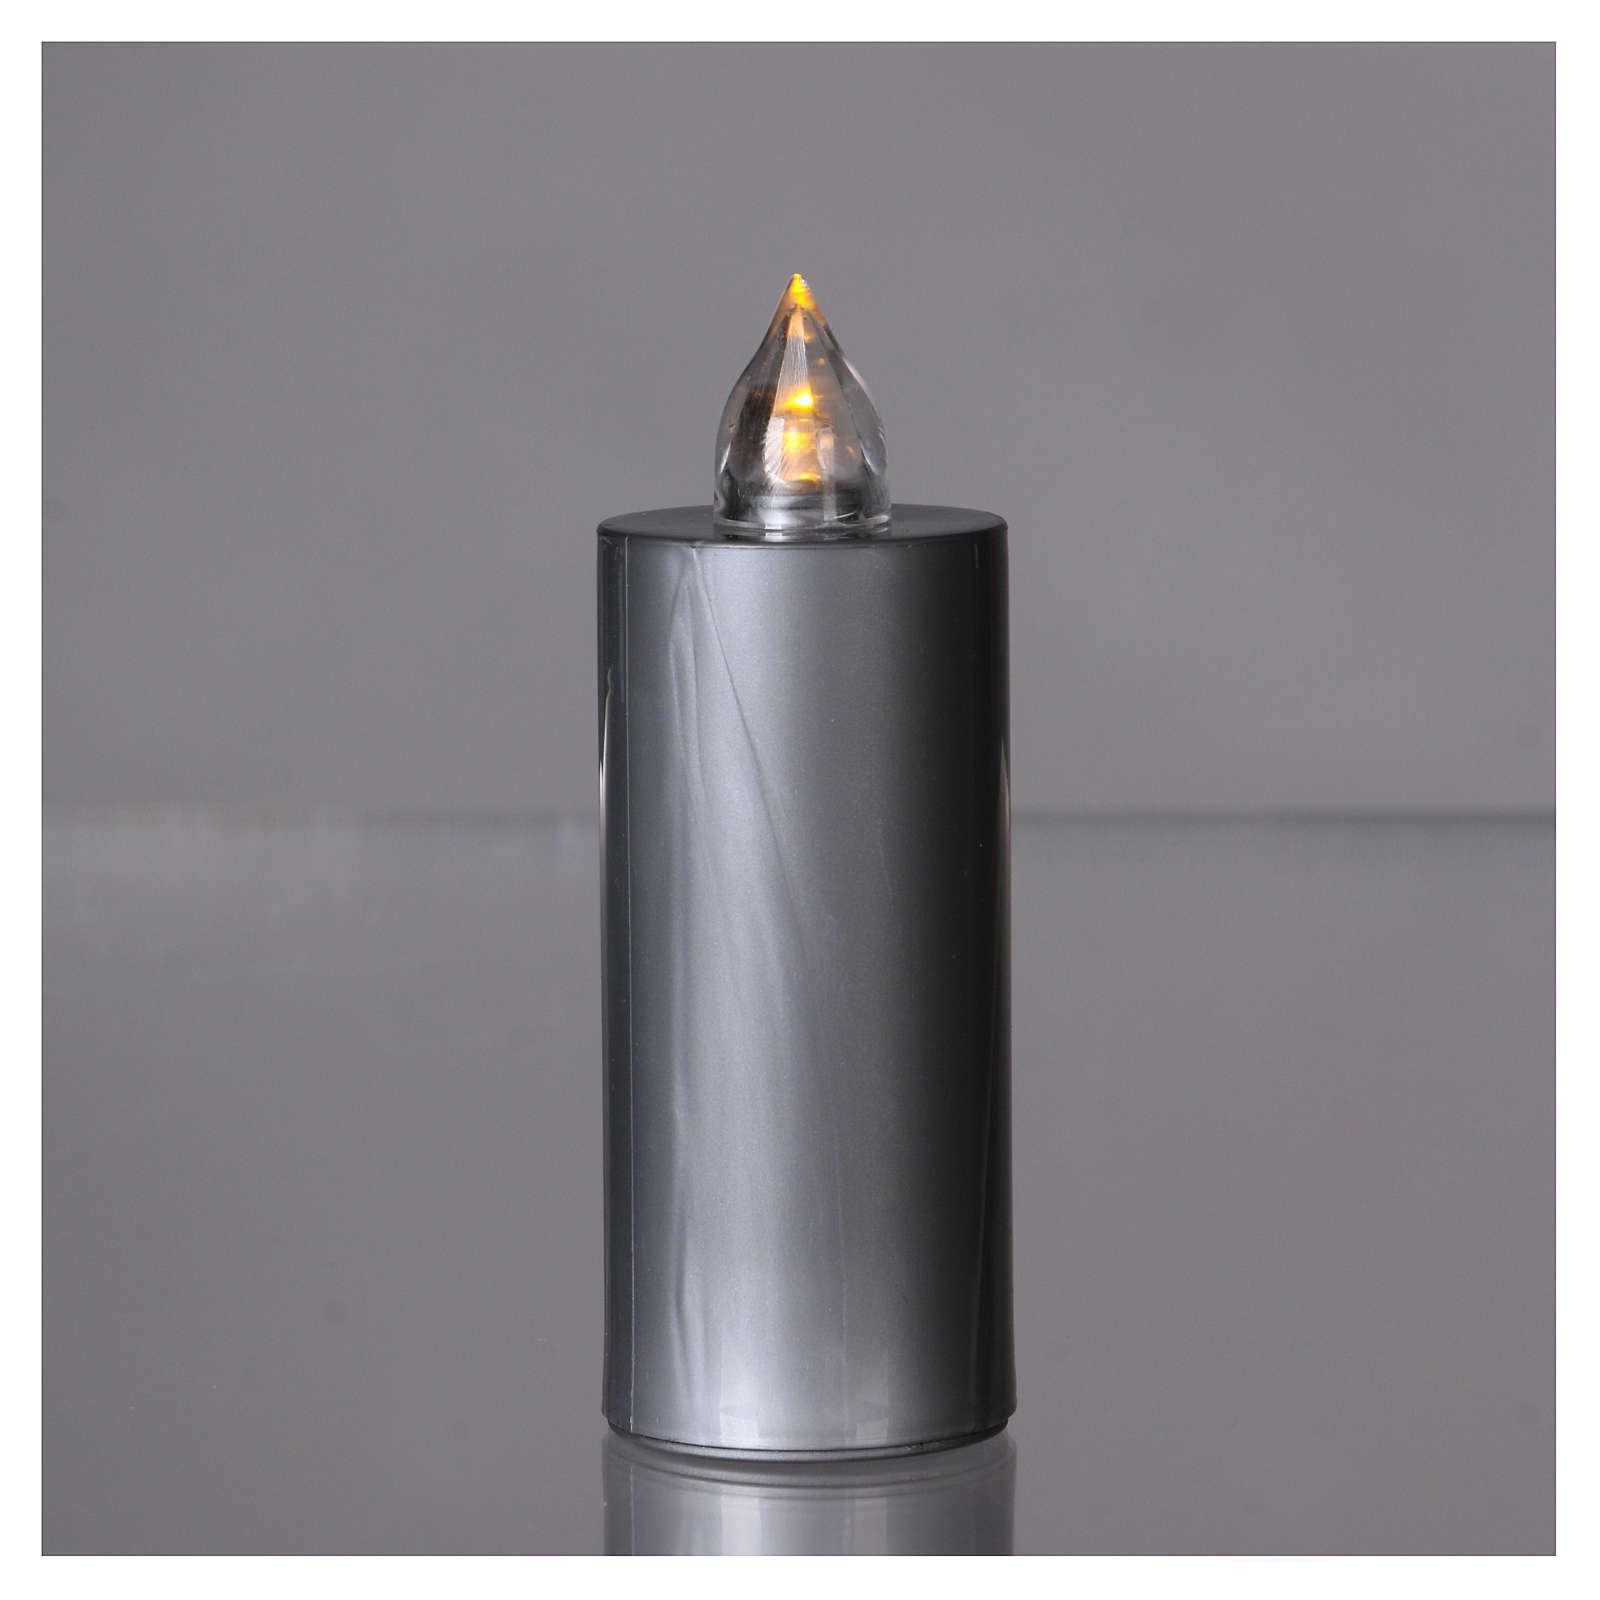 Lumino votivo Lumada argento luce gialla intermittente  3